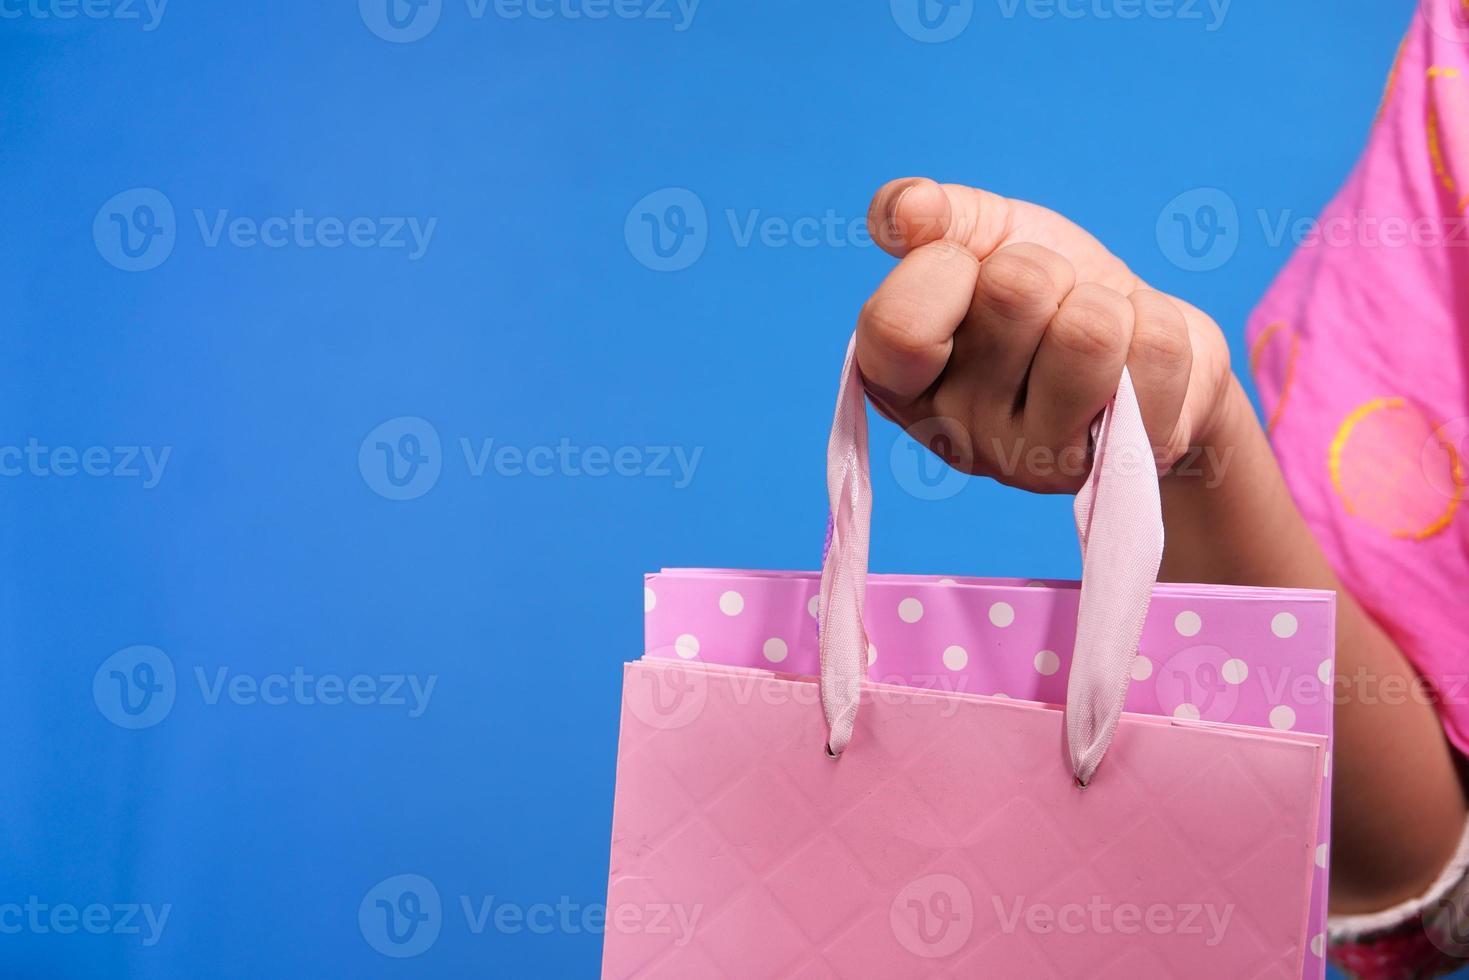 vrouw met roze boodschappentas op blauwe achtergrond foto